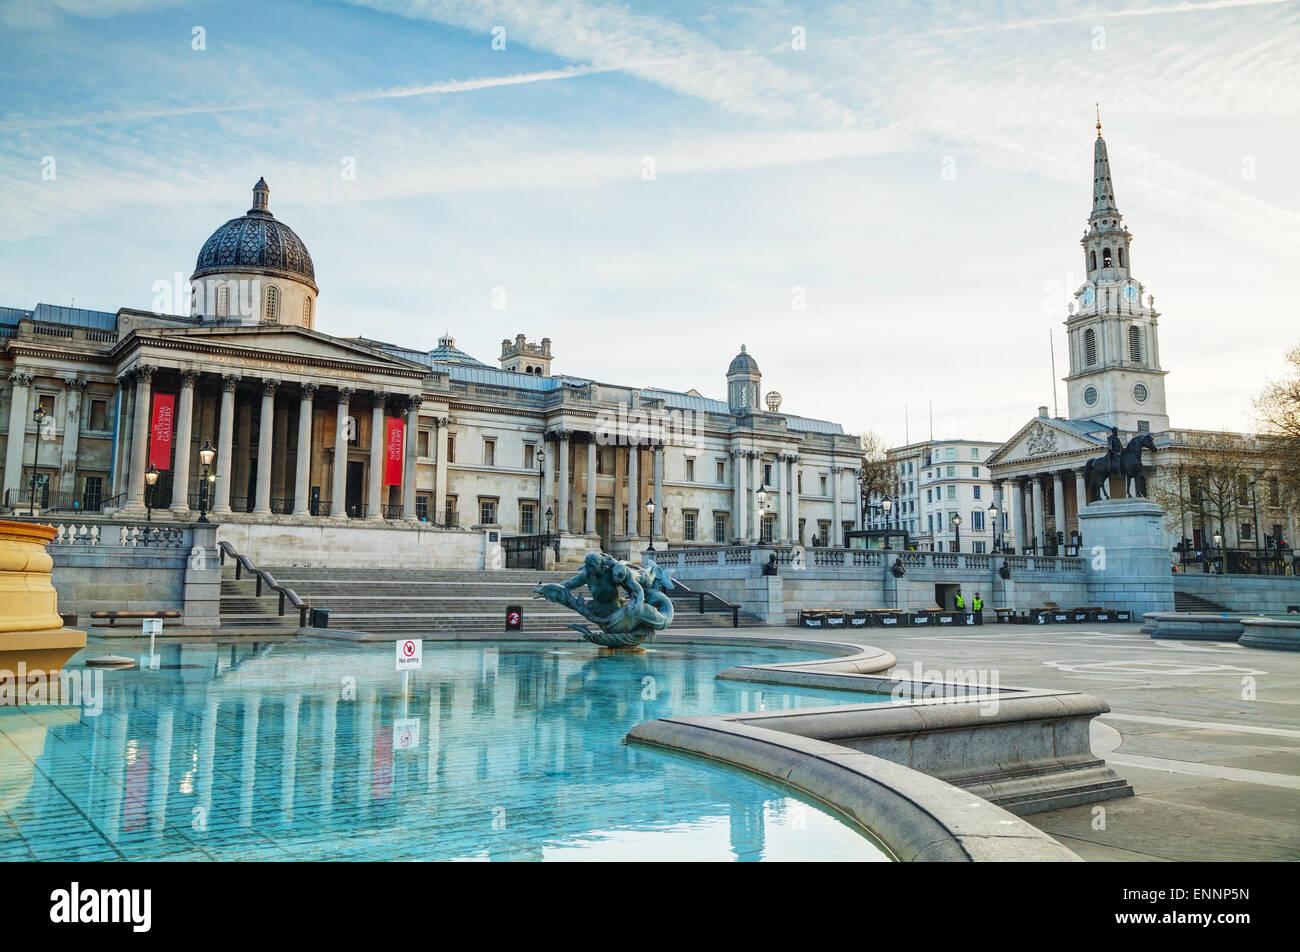 Londres - 12 de abril: el edificio de la Galería Nacional en Trafalgar Square el 12 de abril de 2015 en Londres, Imagen De Stock